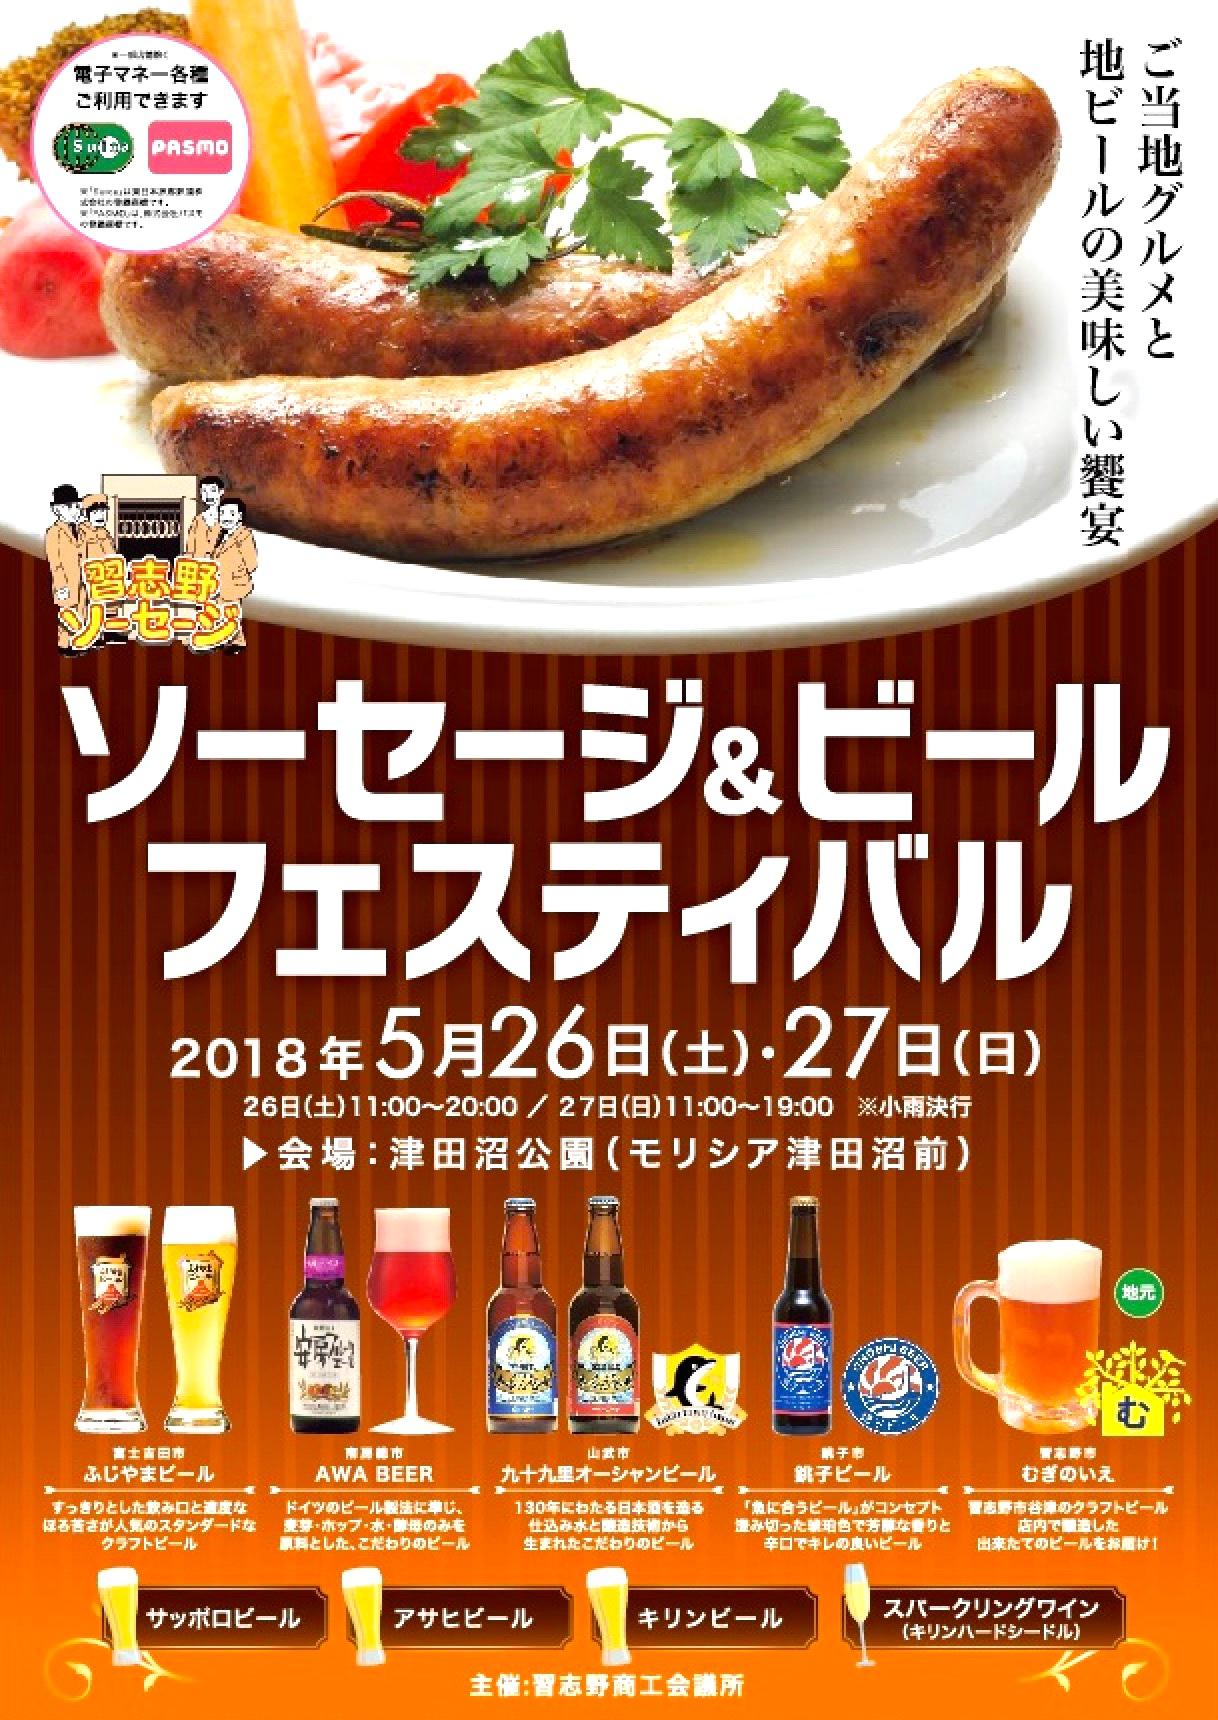 ソーセージ&ビールフェスティバルポスター